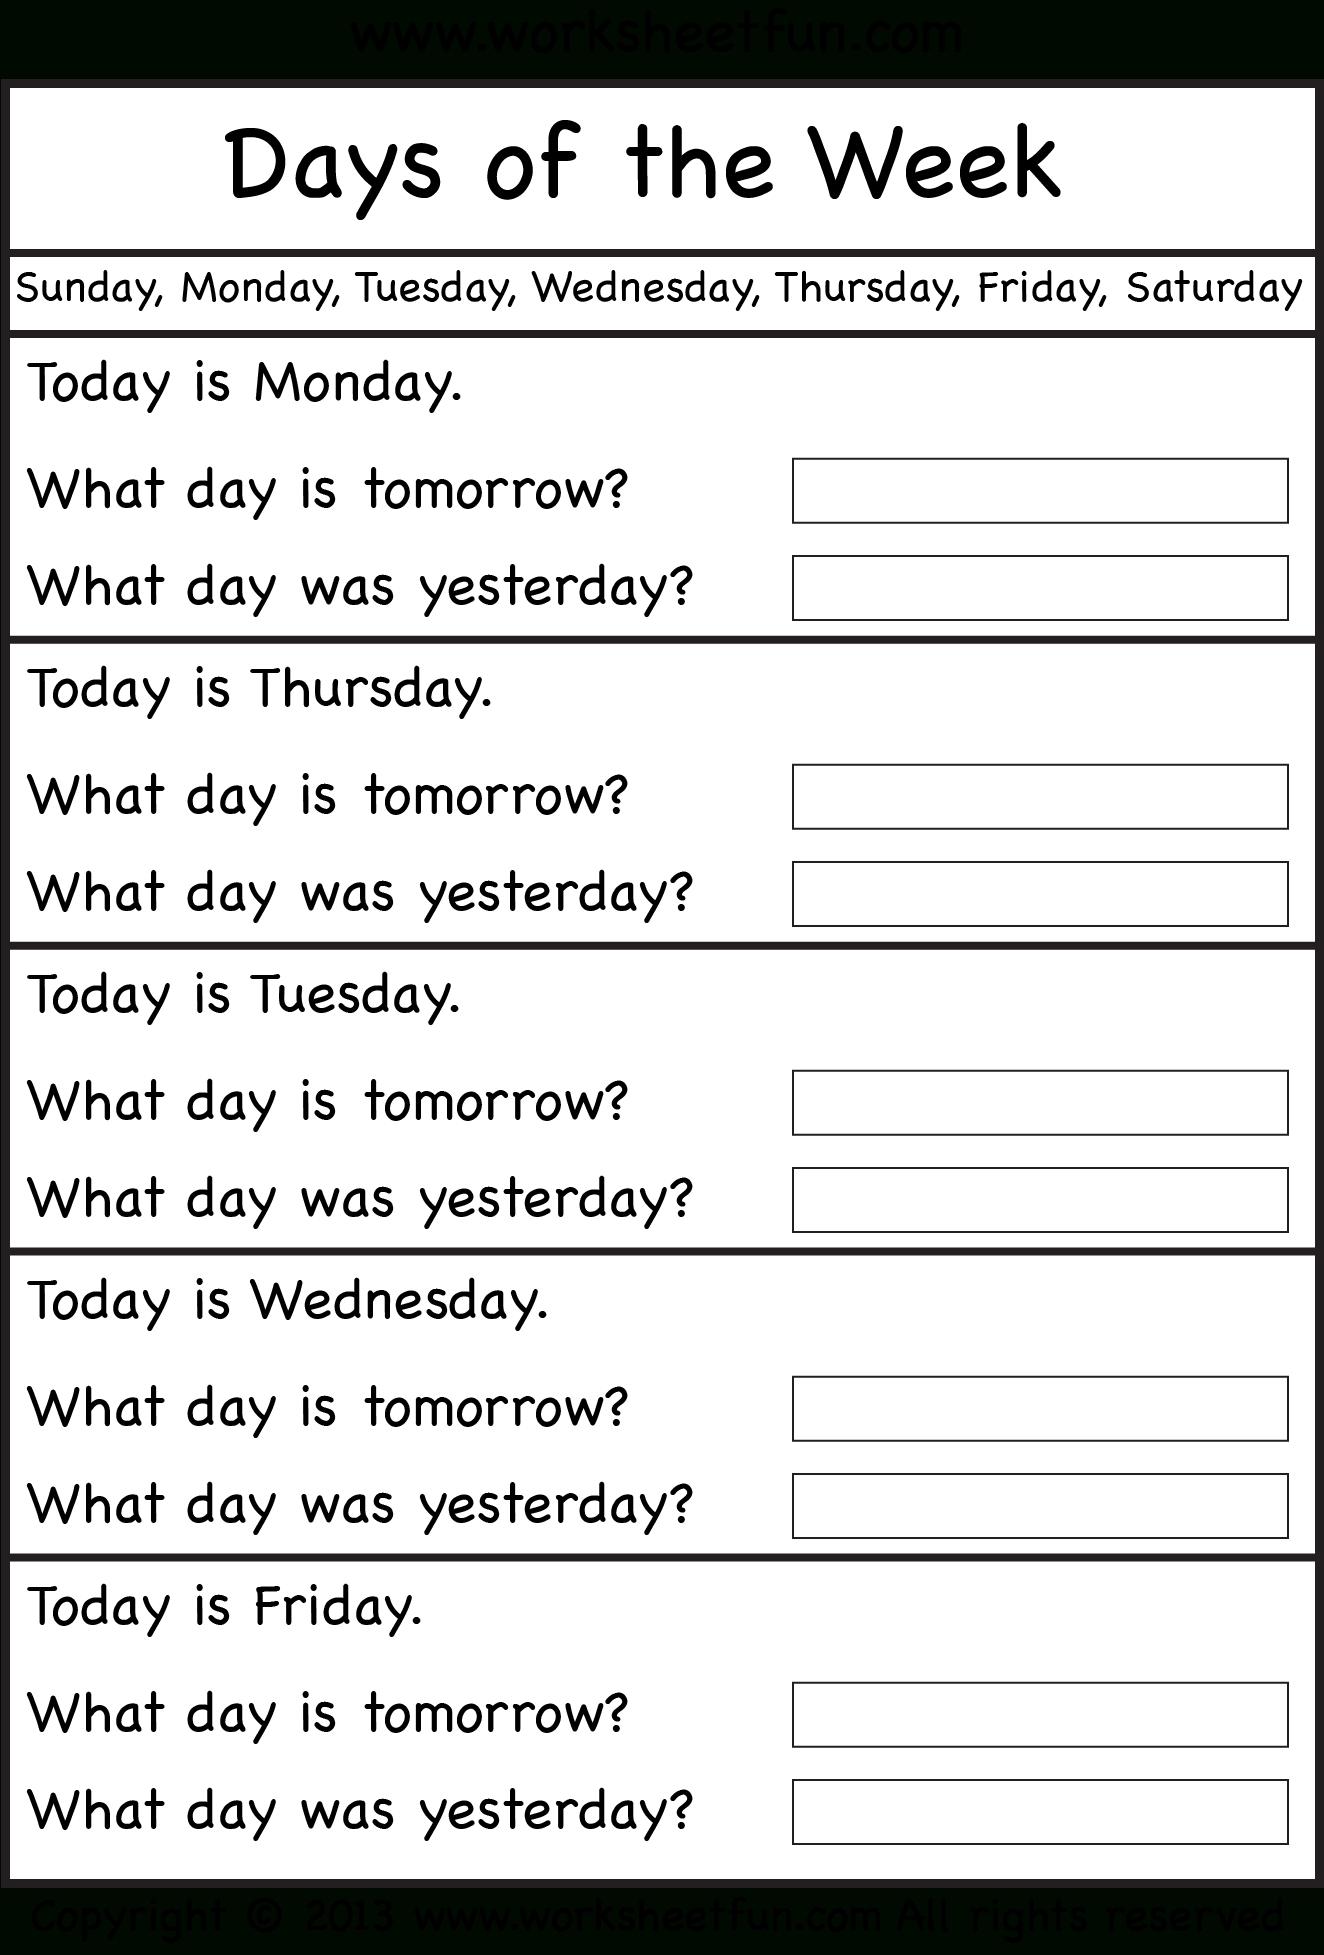 Days Of The Week - Worksheet / Free Printable Worksheets